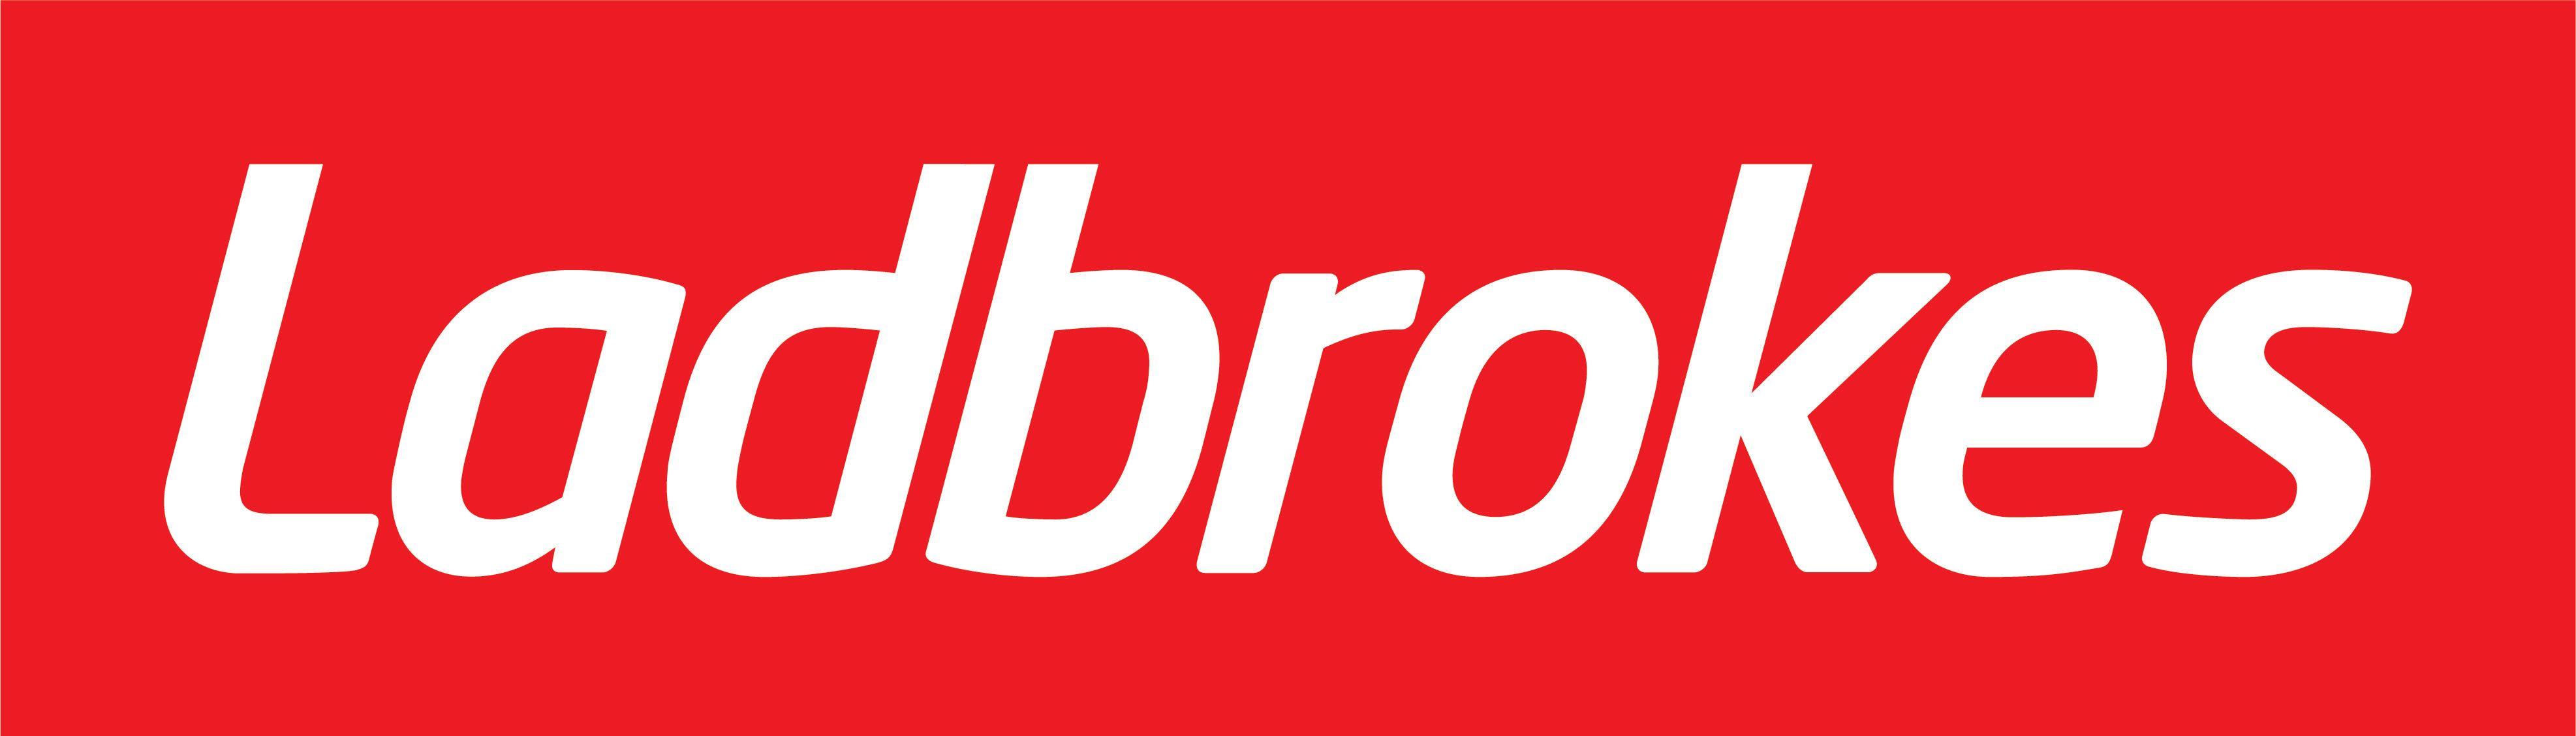 ladbrokes-logo.jpg